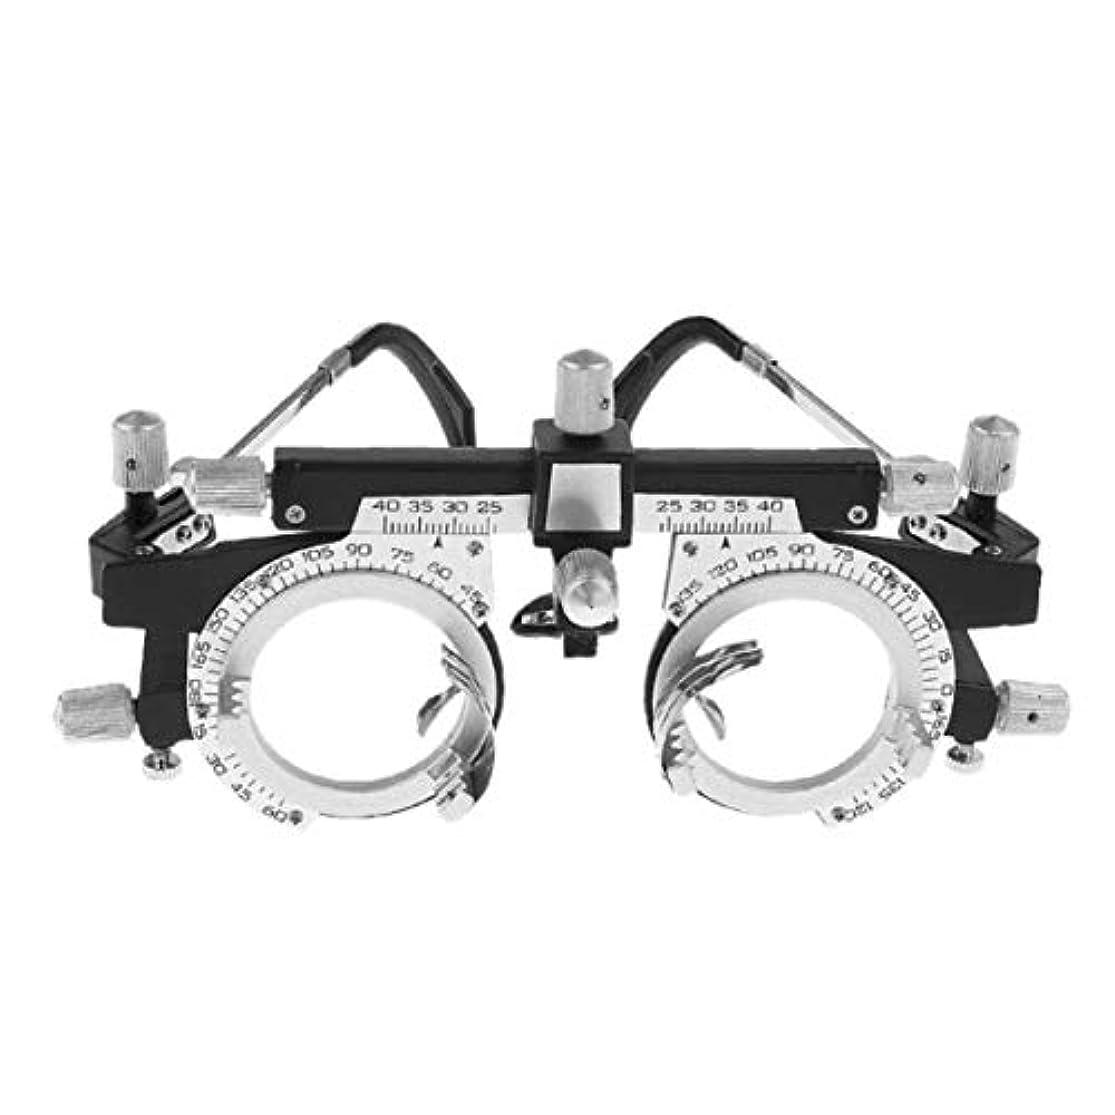 壊れたセクタ階下調節可能なプロフェッショナルアイウェア検眼メタルフレーム光学オプティクストライアルレンズメタルフレームPDメガネアクセサリー - シルバー&ブラック